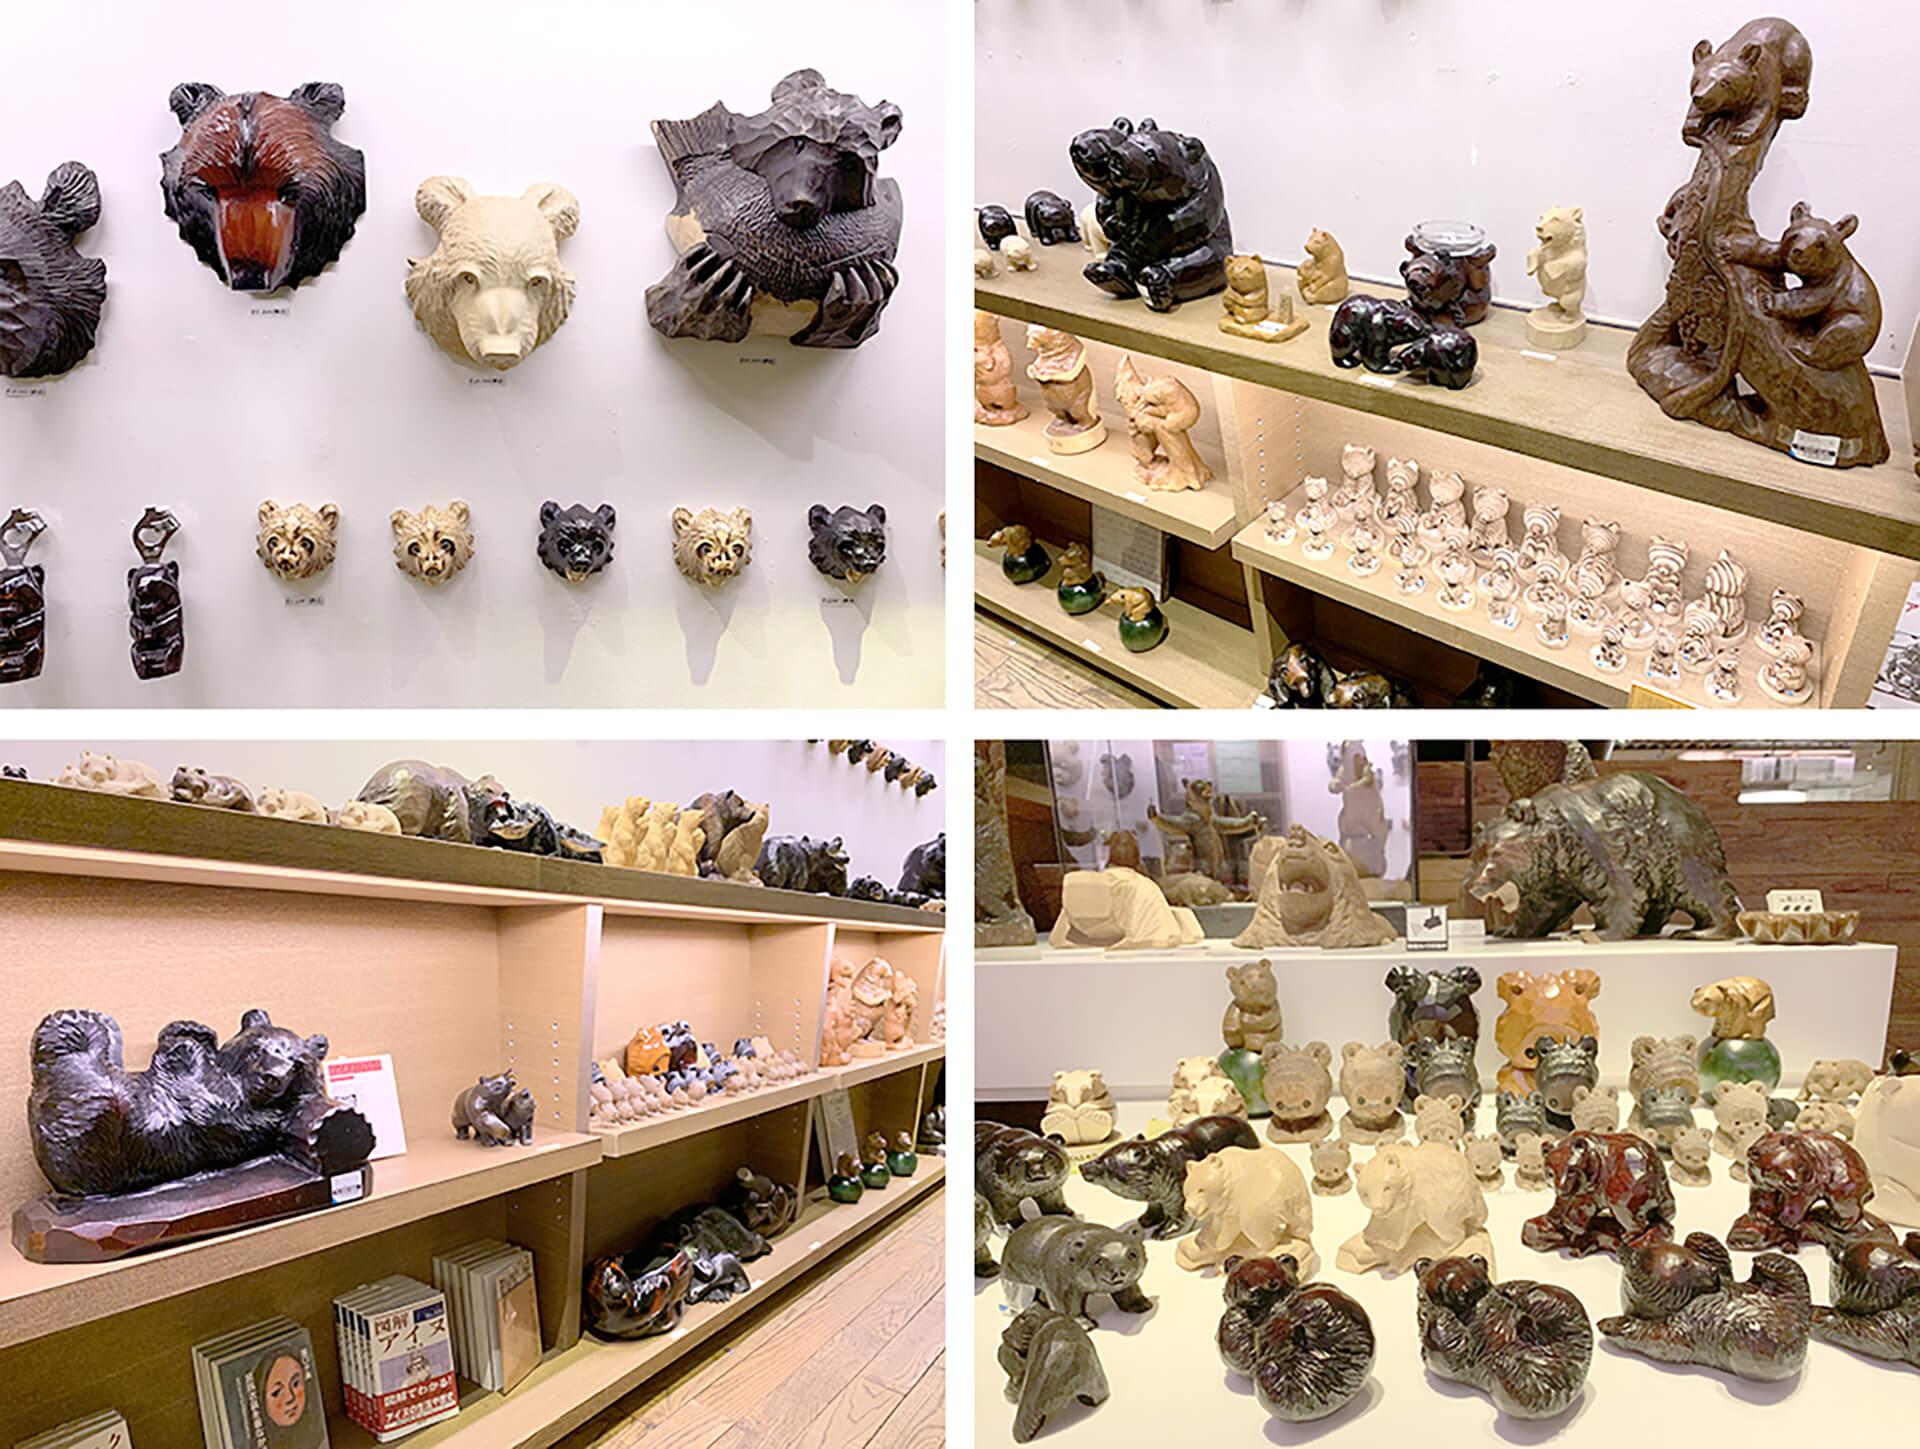 熊乃屋阿野みやげ店 ~北海道民芸と木彫り熊~ 販売品